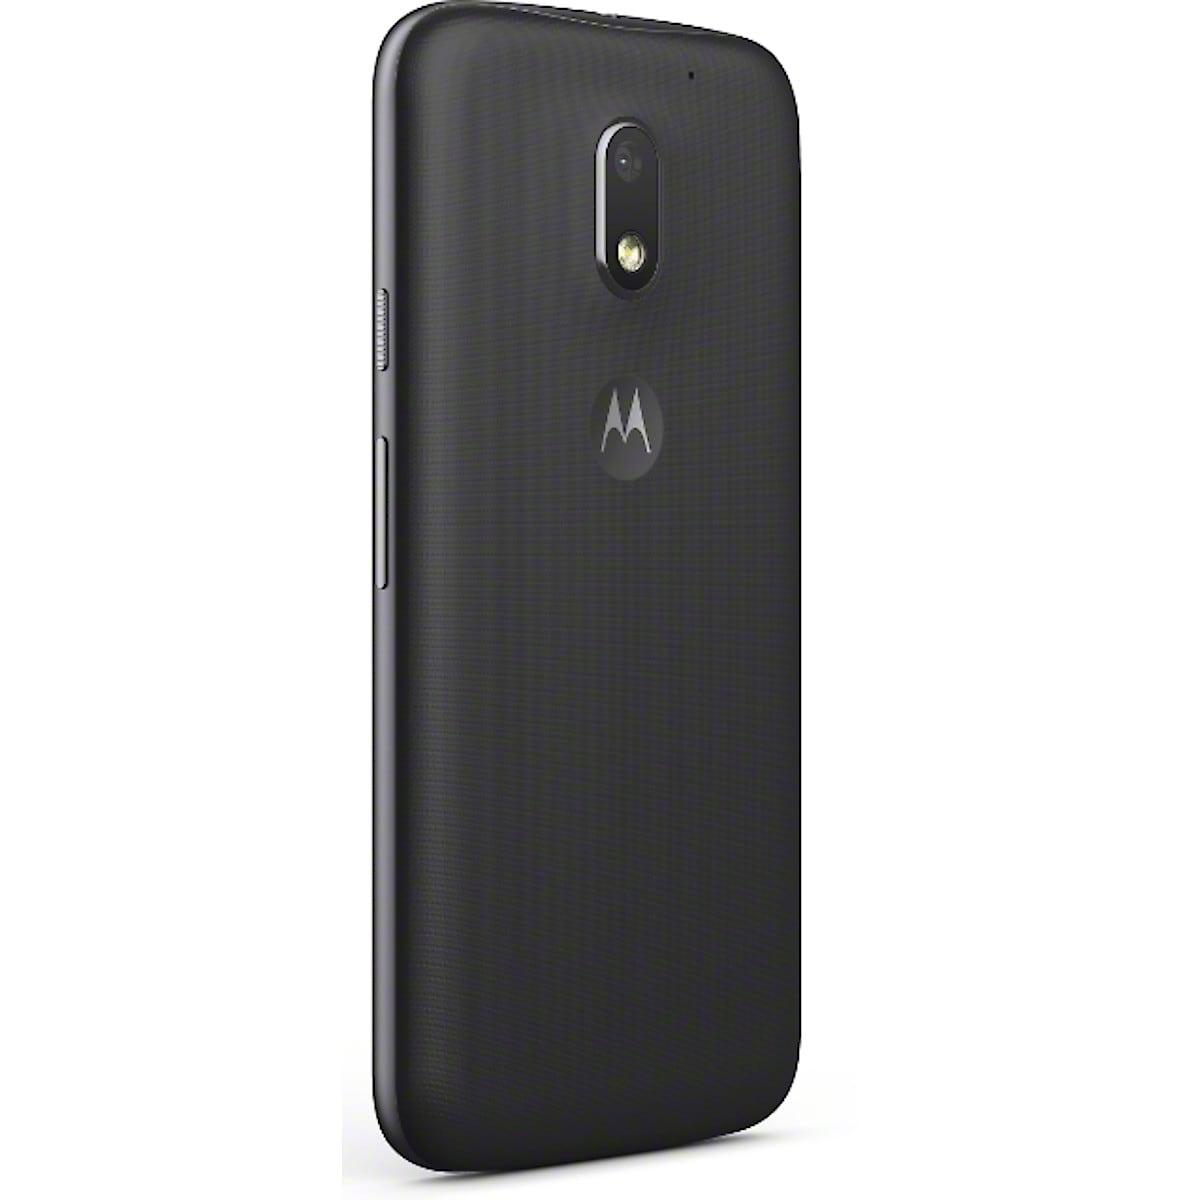 Motorola Moto E3 mobiltelefon